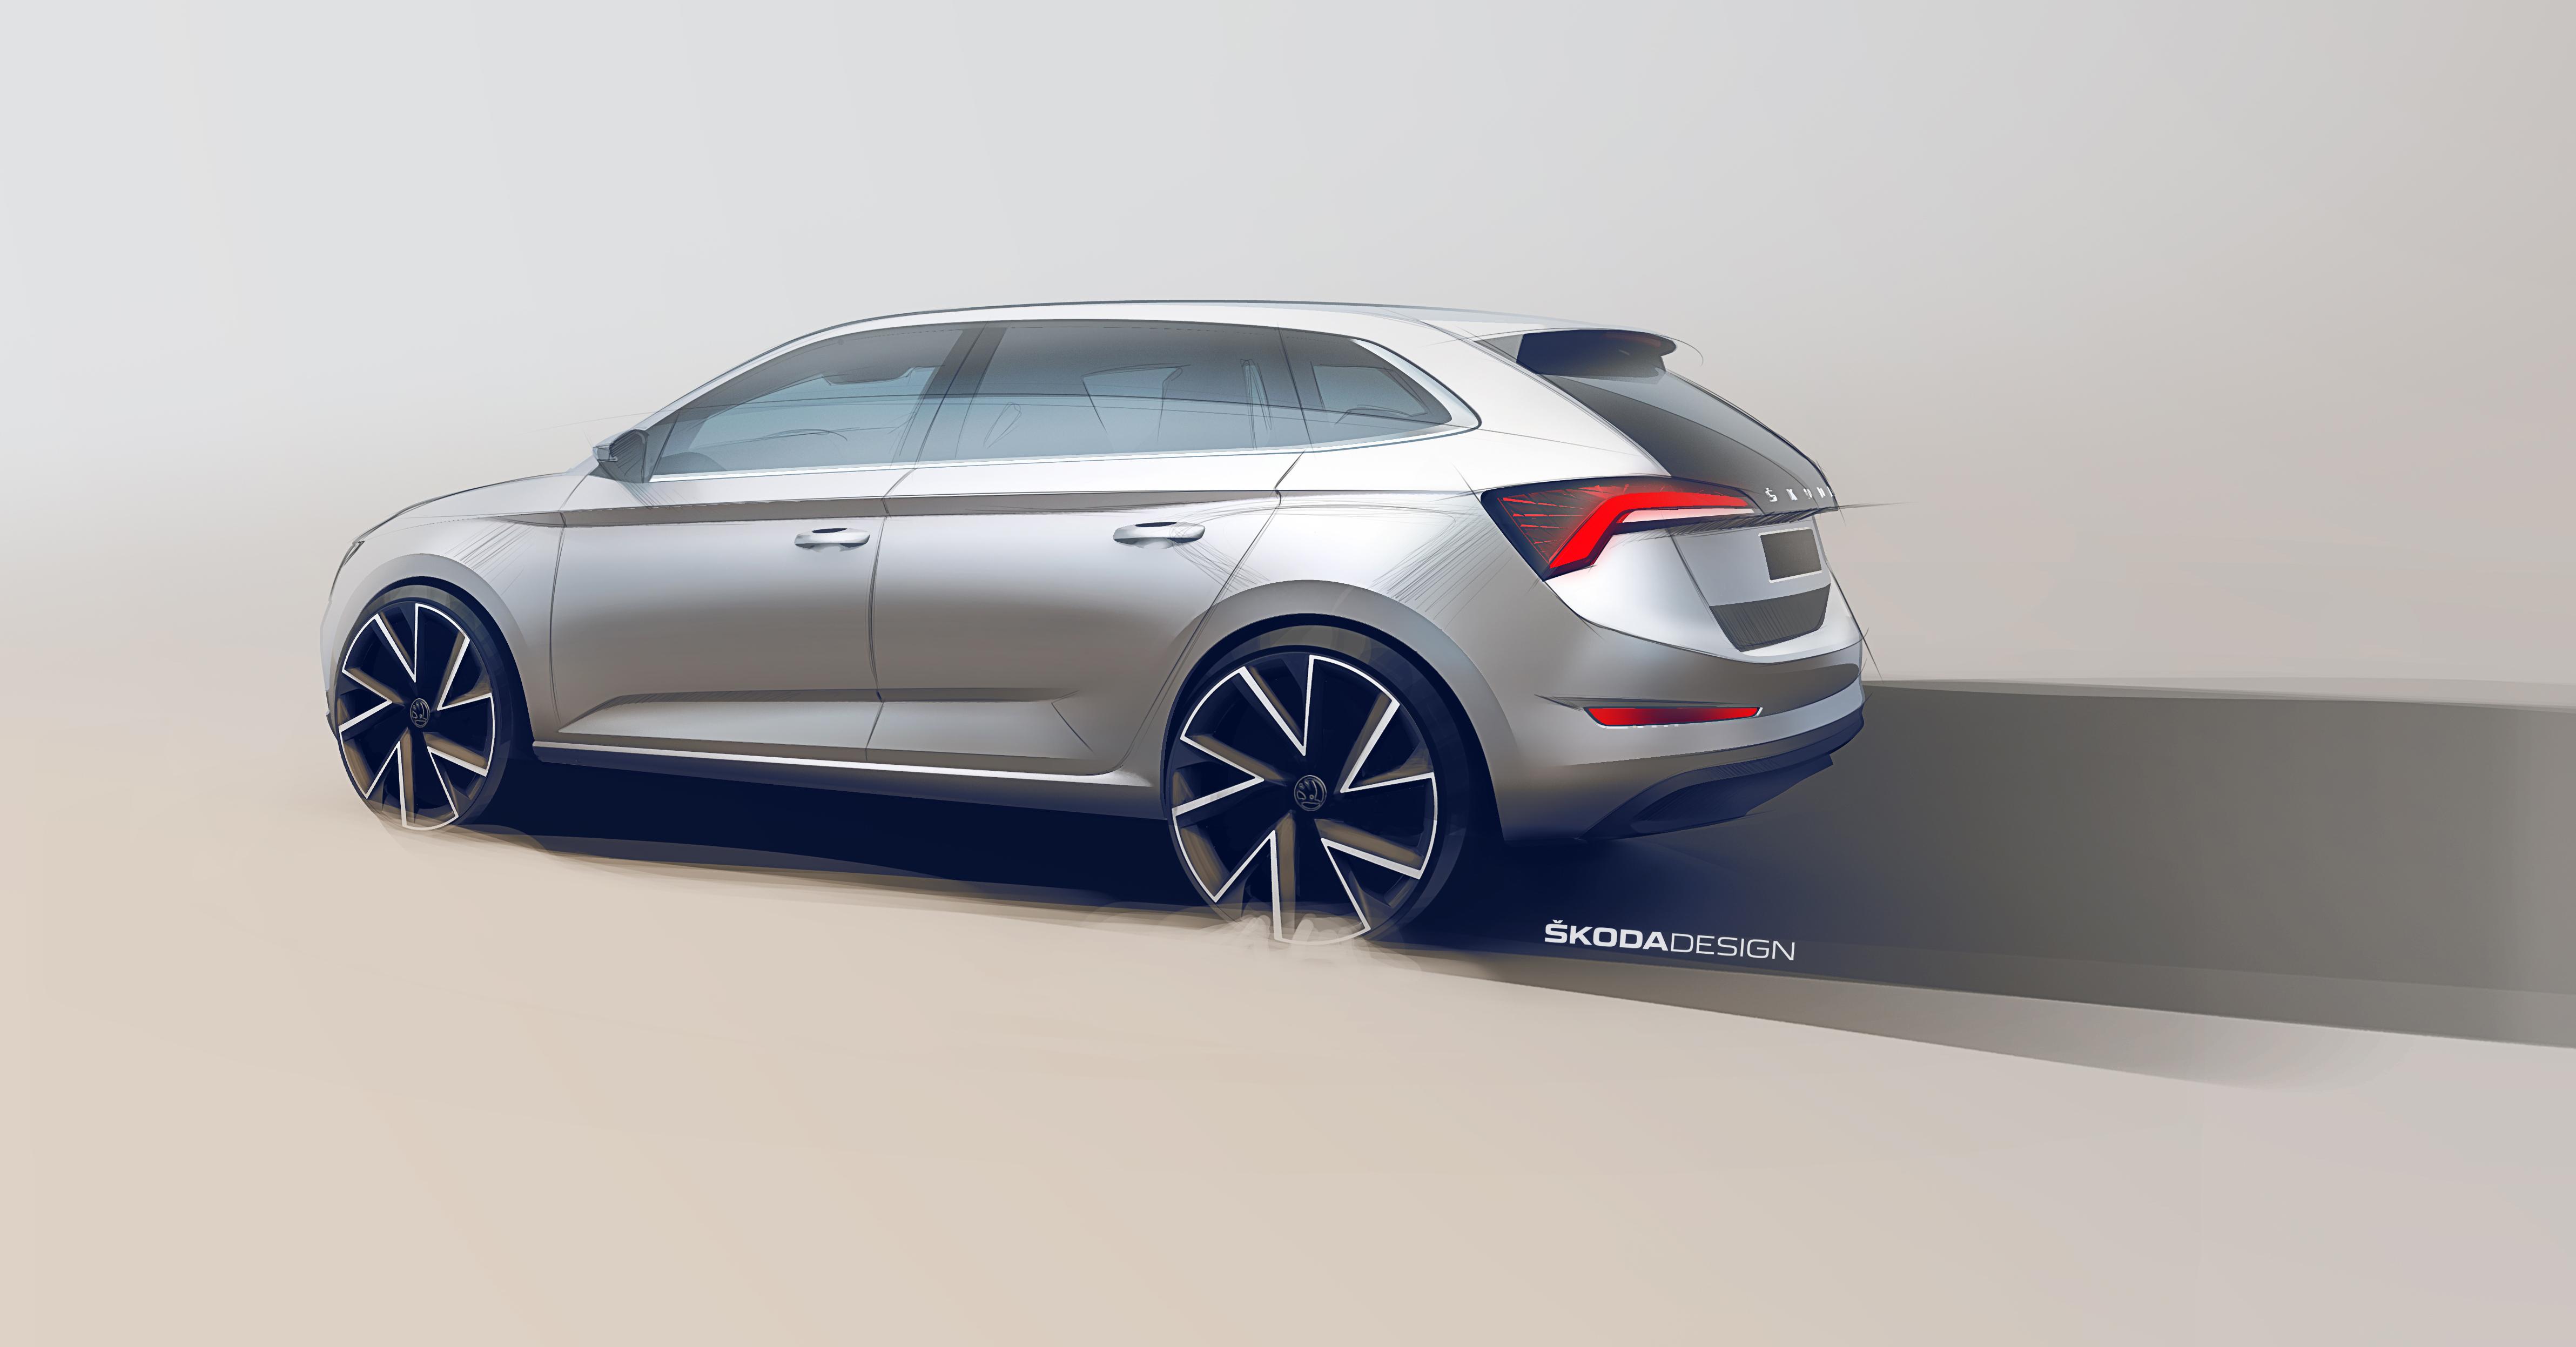 2019 Skoda Scala 525352   Best quality high resolution car 4769x2494